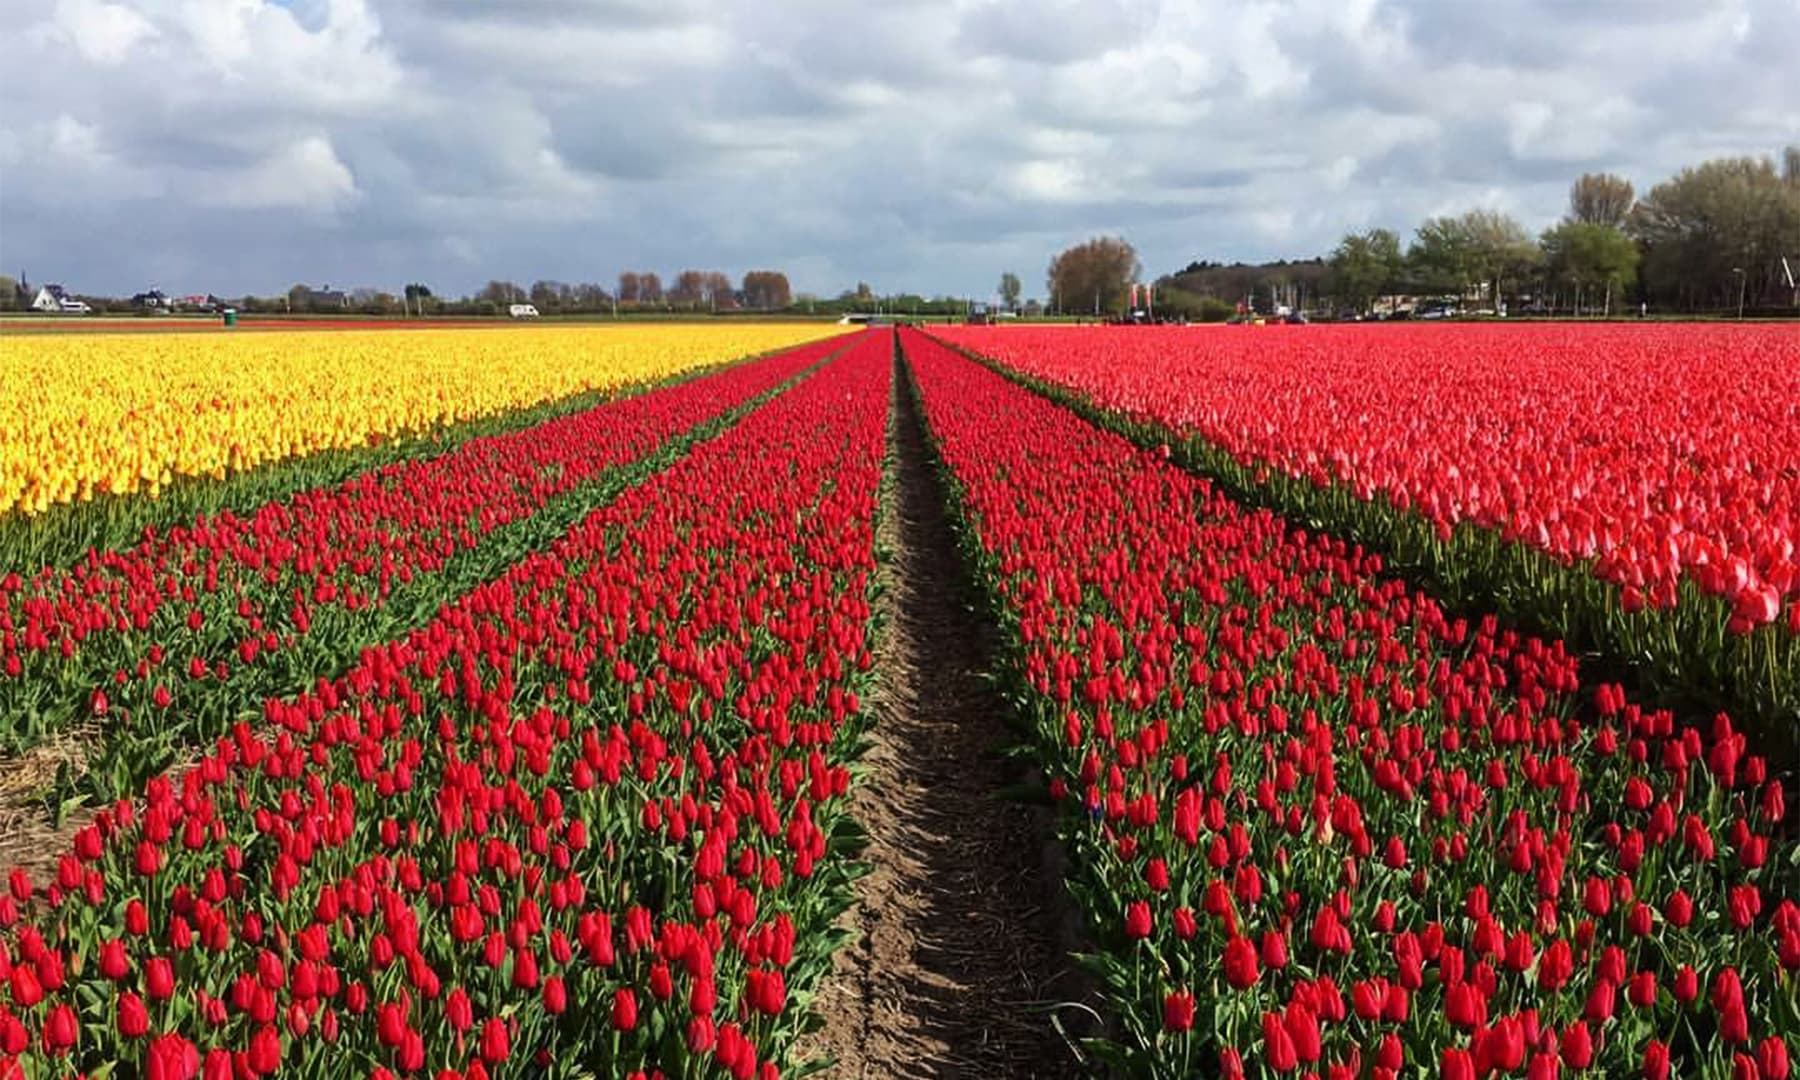 سالانہ لاکھوں لوگ ہالینڈ کی سیر صرف پھولوں کے کھیتوں کی وجہ سے کرنے آتے ہیں